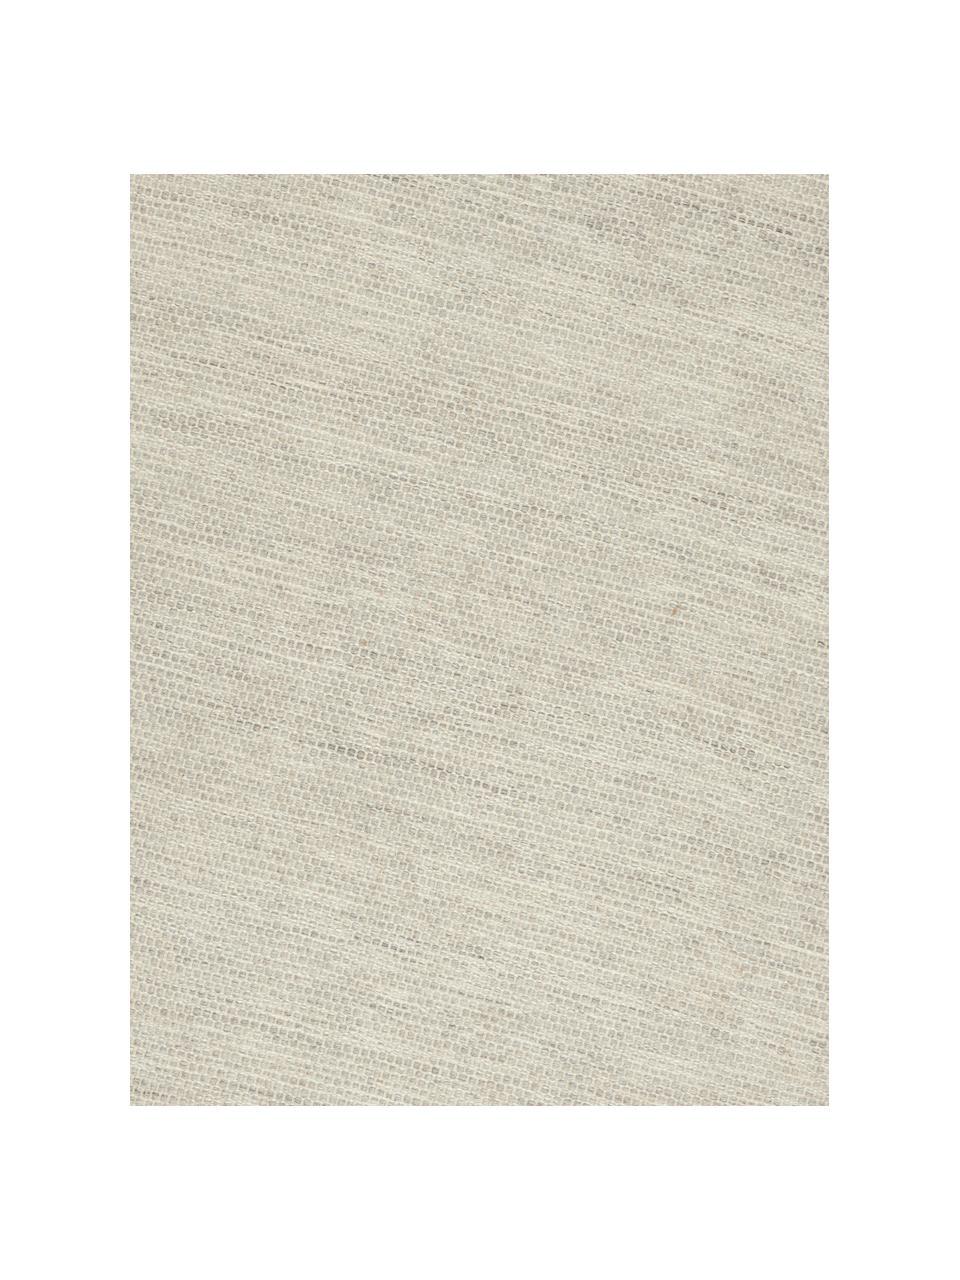 Handgewebter Wollteppich Asko in Beige/Hellgrau, meliert, Flor: 90% Wolle, 10% Baumwolle, Grau, B 200 x L 300 cm (Größe L)